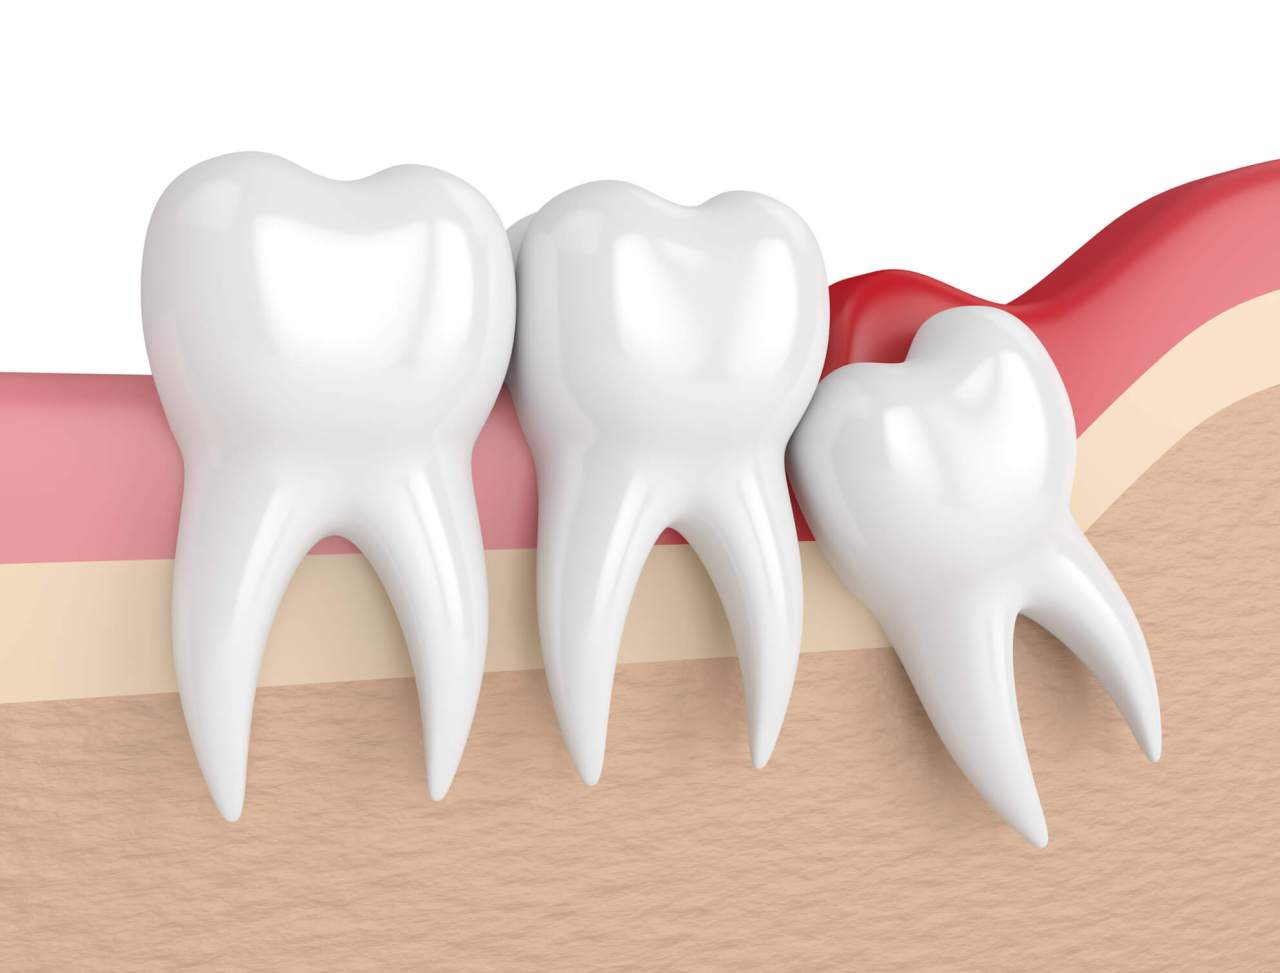 O dente do siso pode simplesmente não se encaixar juntos aos outros molares